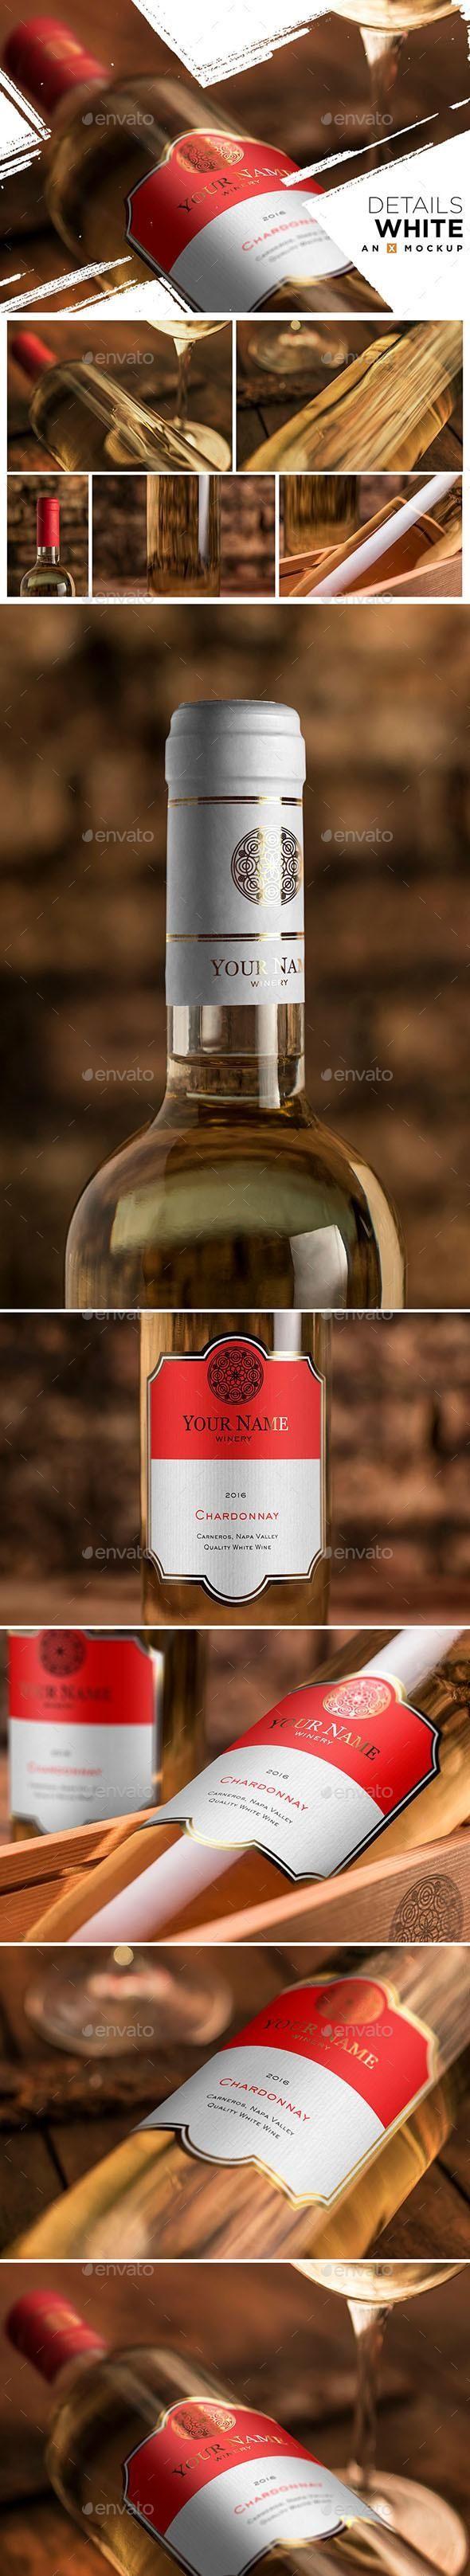 Download Details Wine Mockup Bordeaux White Packaging Mockup Bottle Mockup Wine Bottle